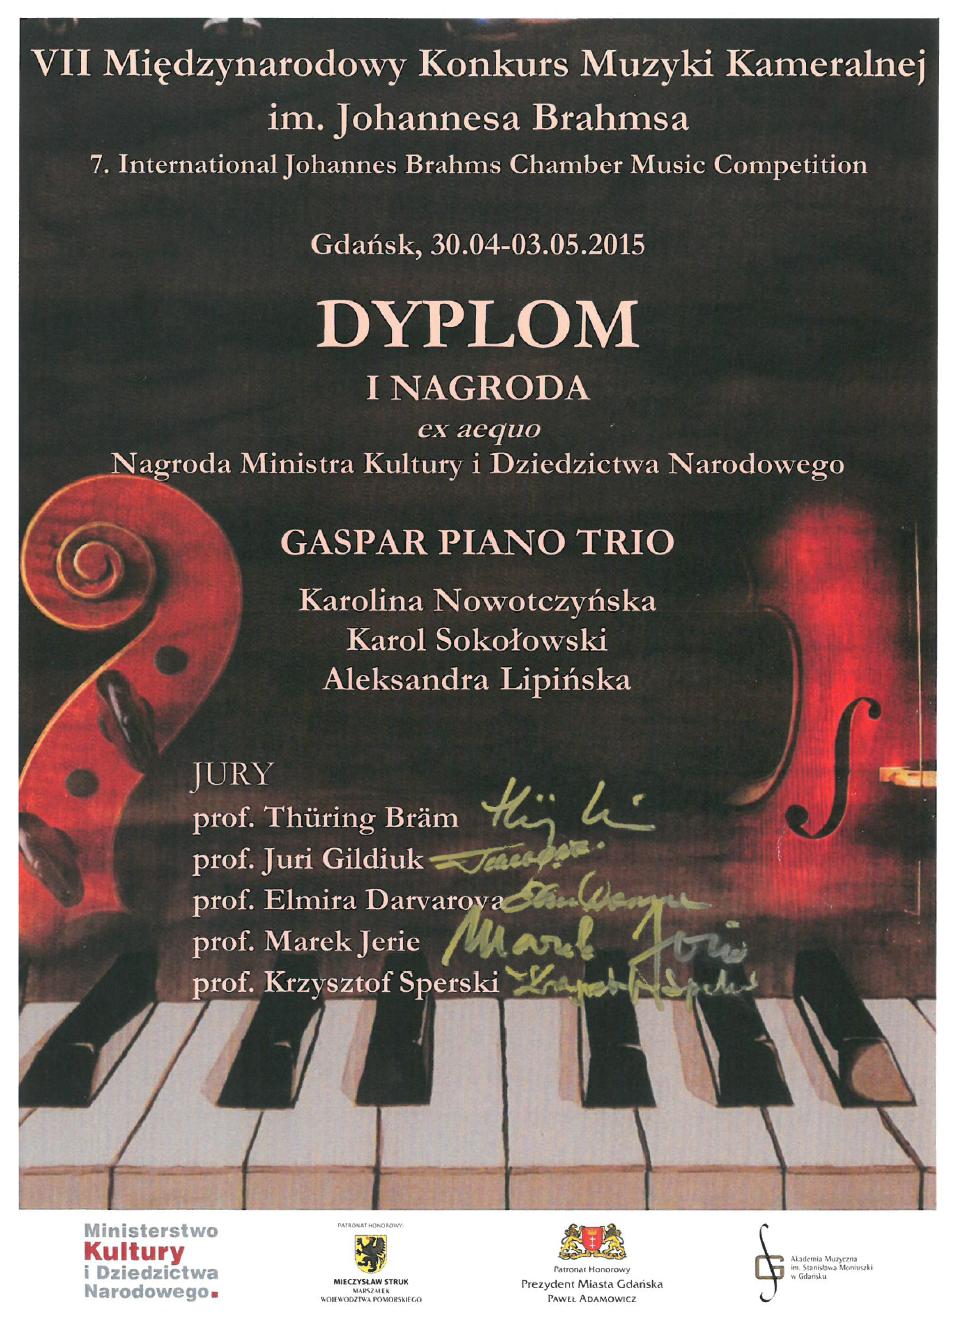 Gaspar_Piano_Trio_dyplom